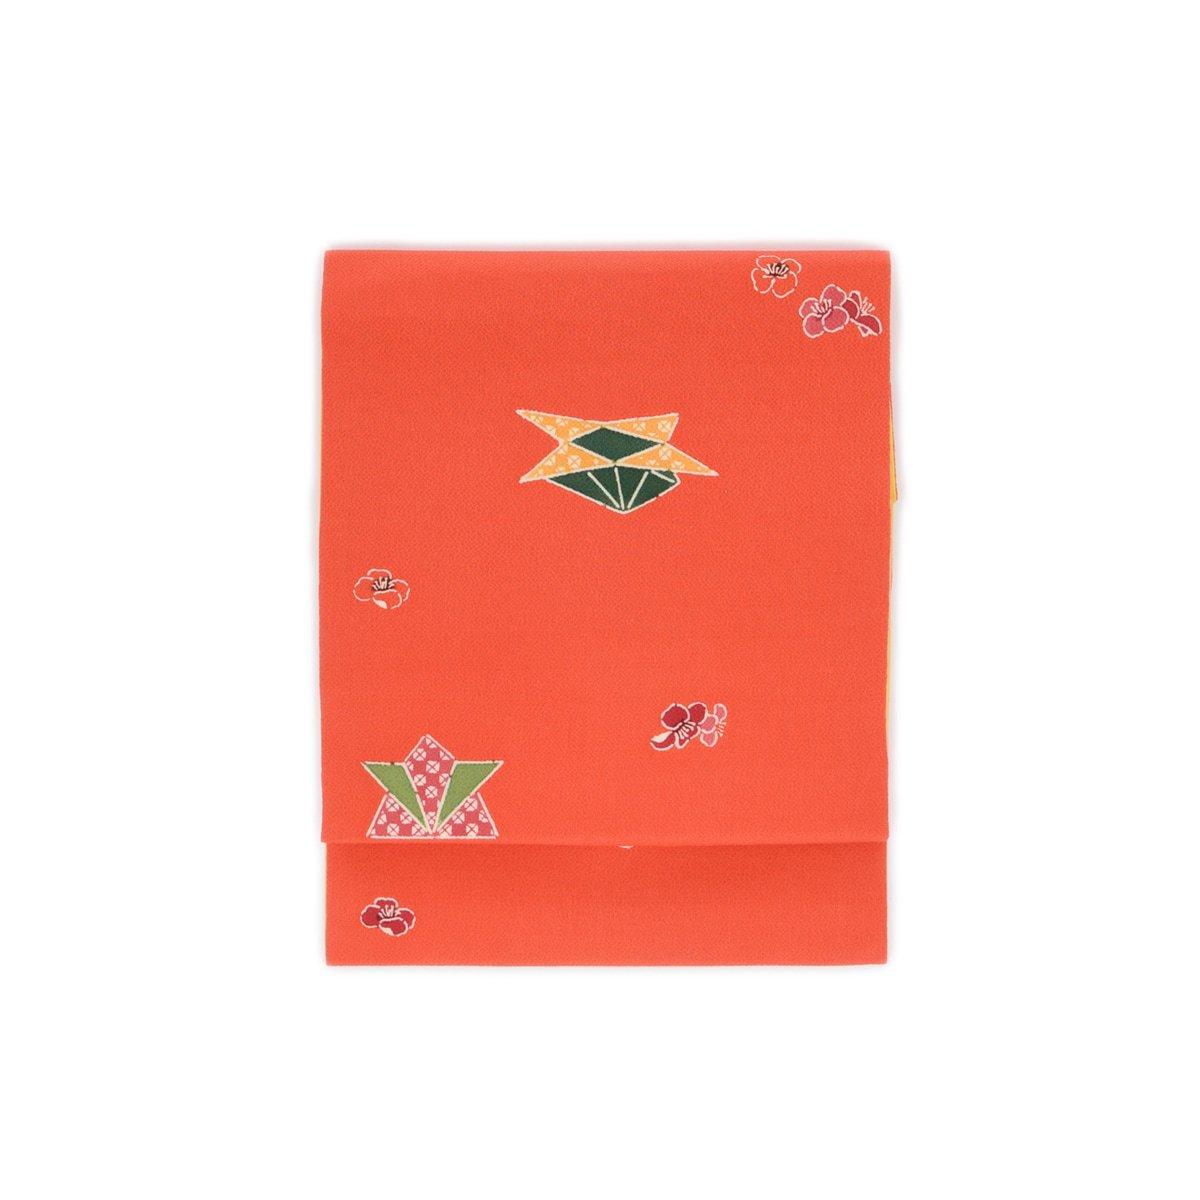 「花と折り紙 縮緬」の商品画像